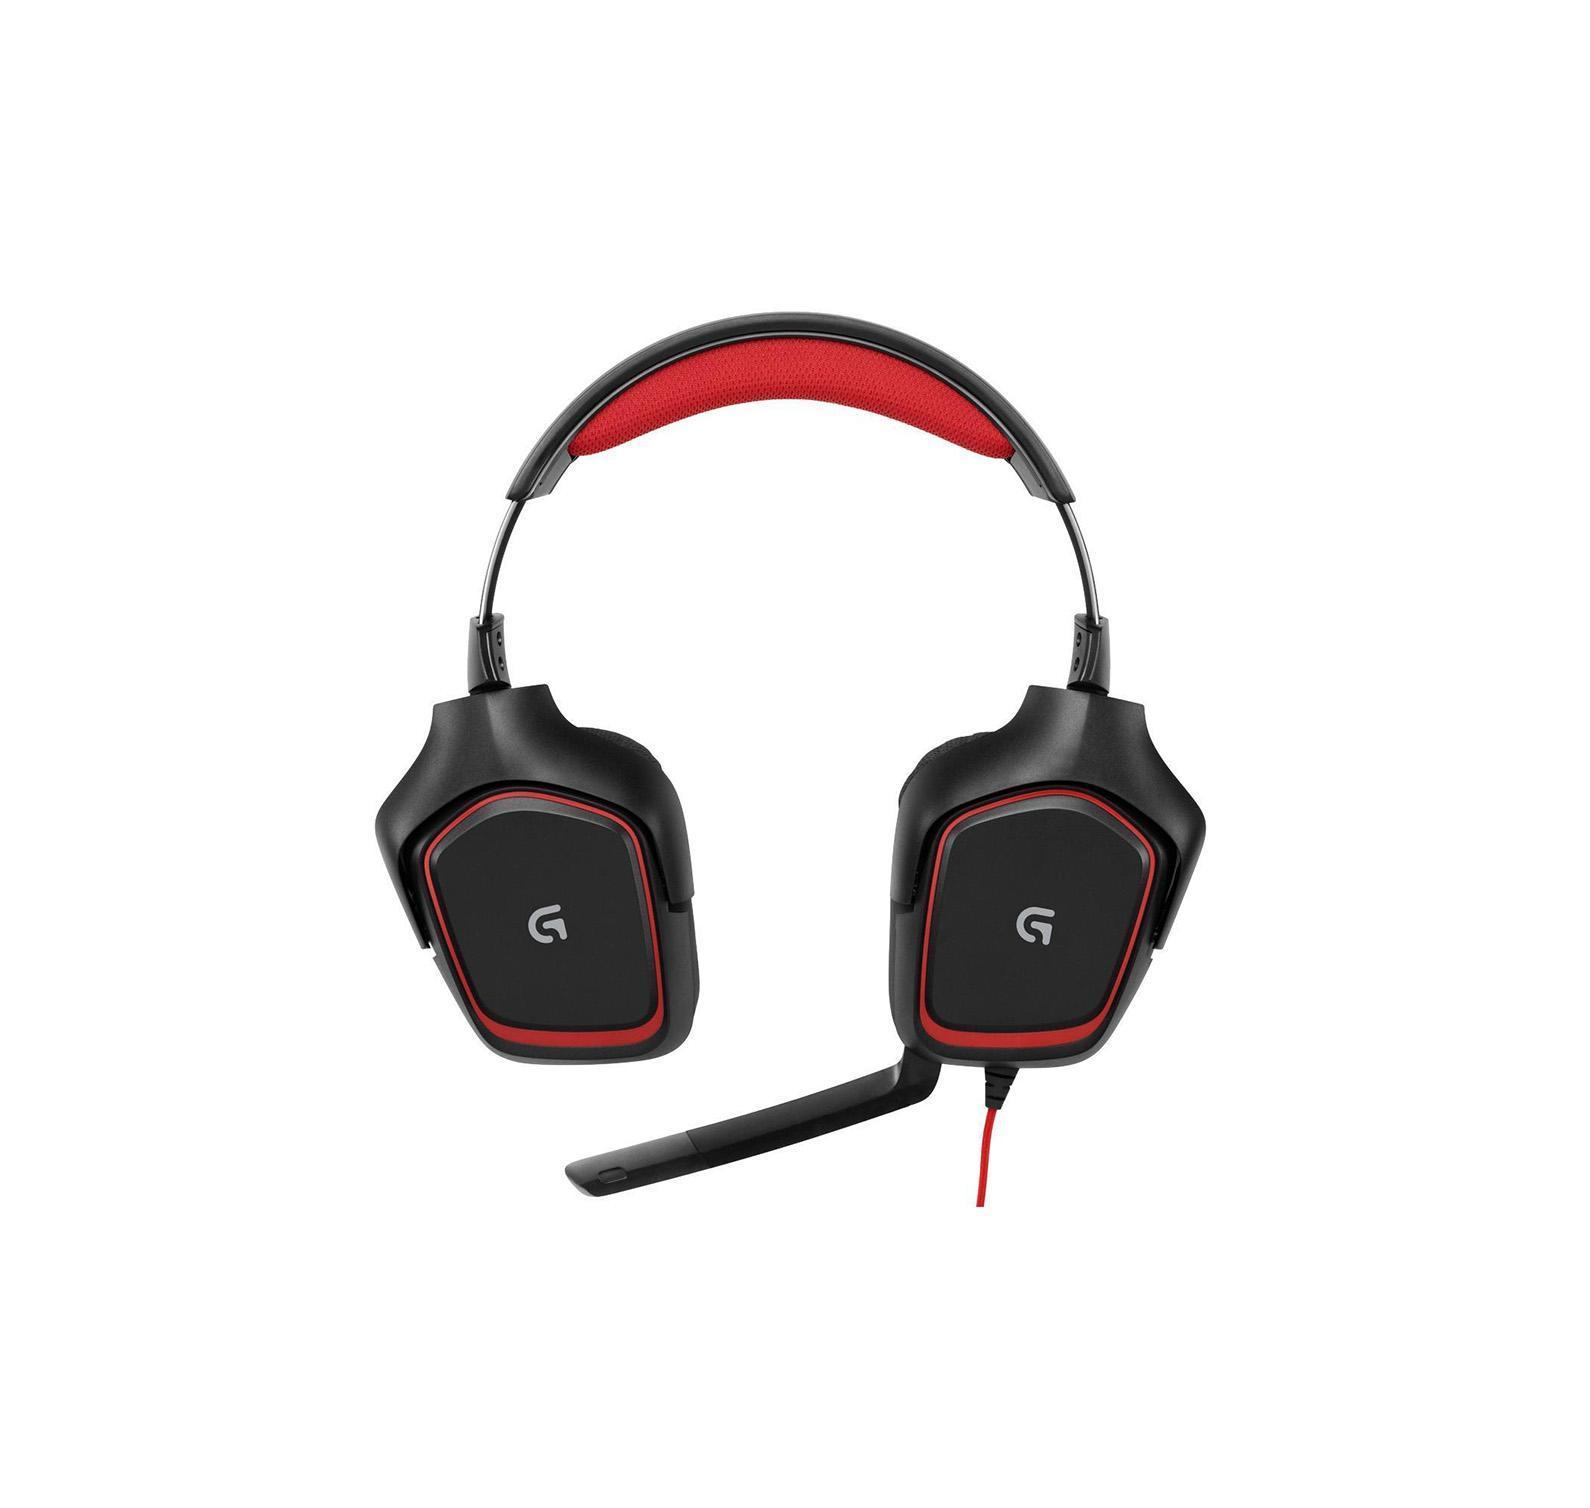 Logitech G230 Gaming Headset (981-000540) проводная игровая гарнитура - Наушники